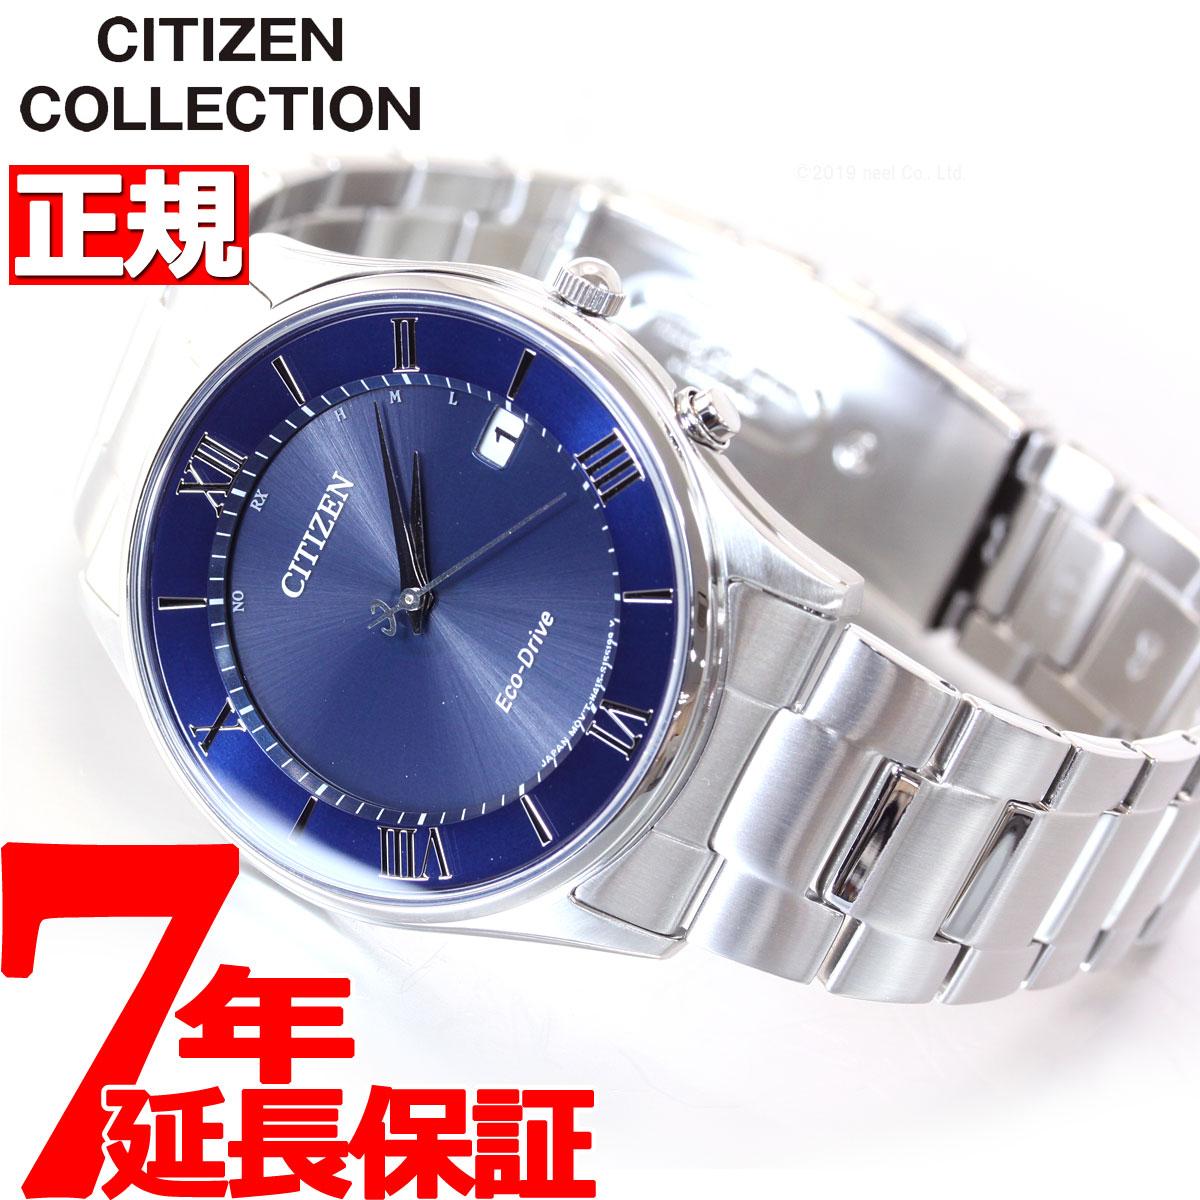 シチズンコレクション CITIZEN COLLECTION エコドライブ ソーラー 電波時計 腕時計 メンズ AS1060-54L